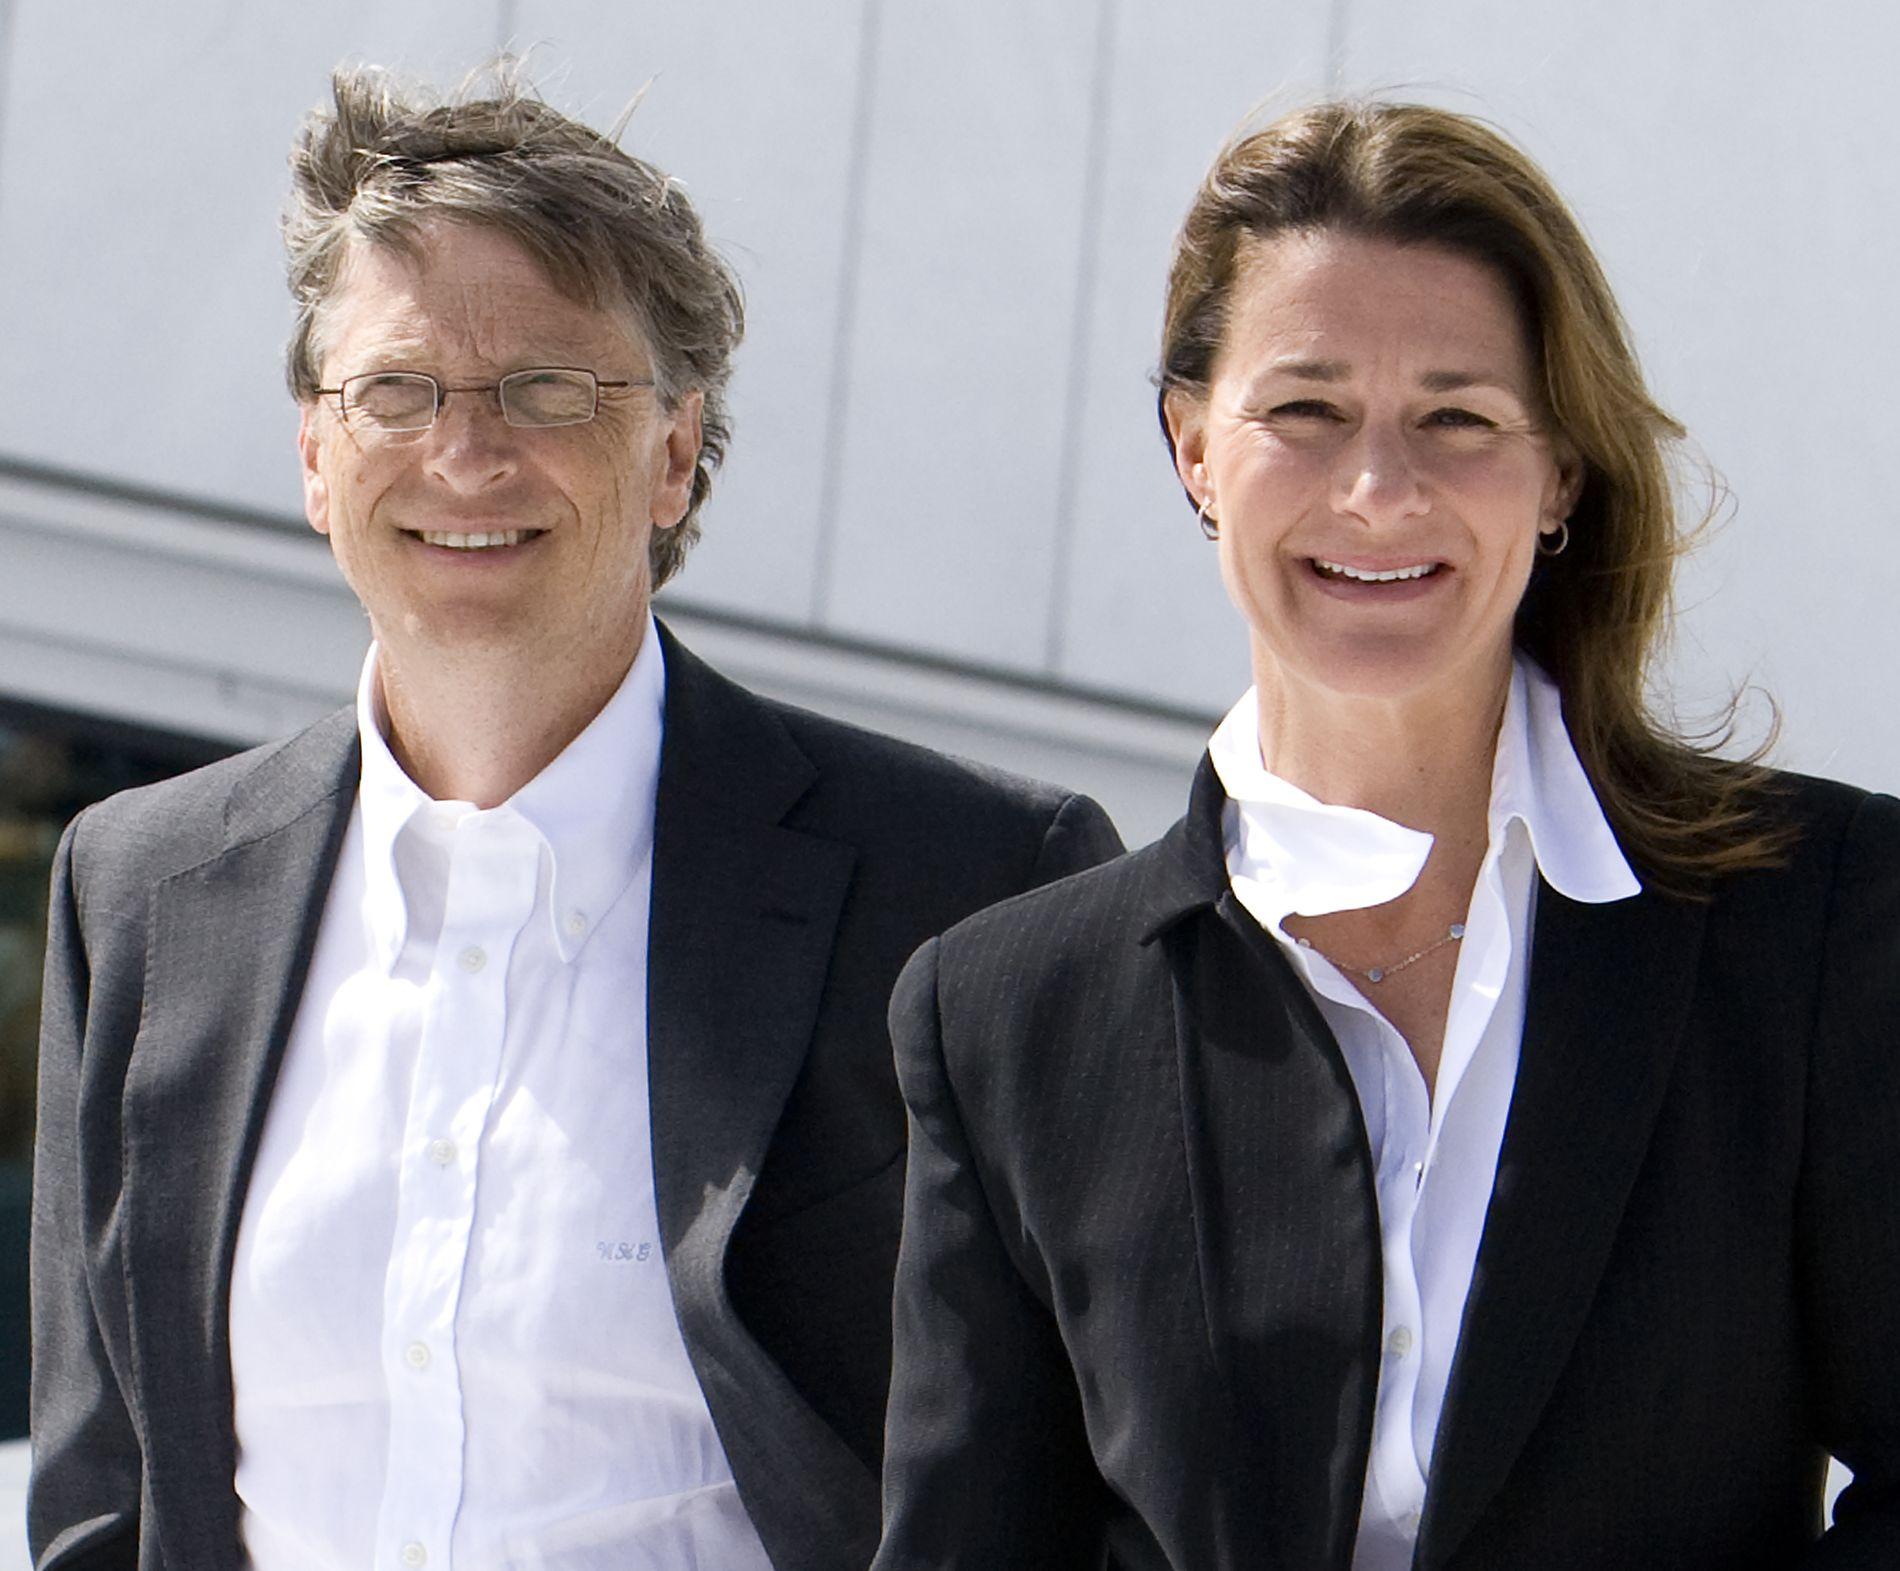 Bill og Melinda Gates skal ha blitt enige om avtale før de annonserte skilsmissen